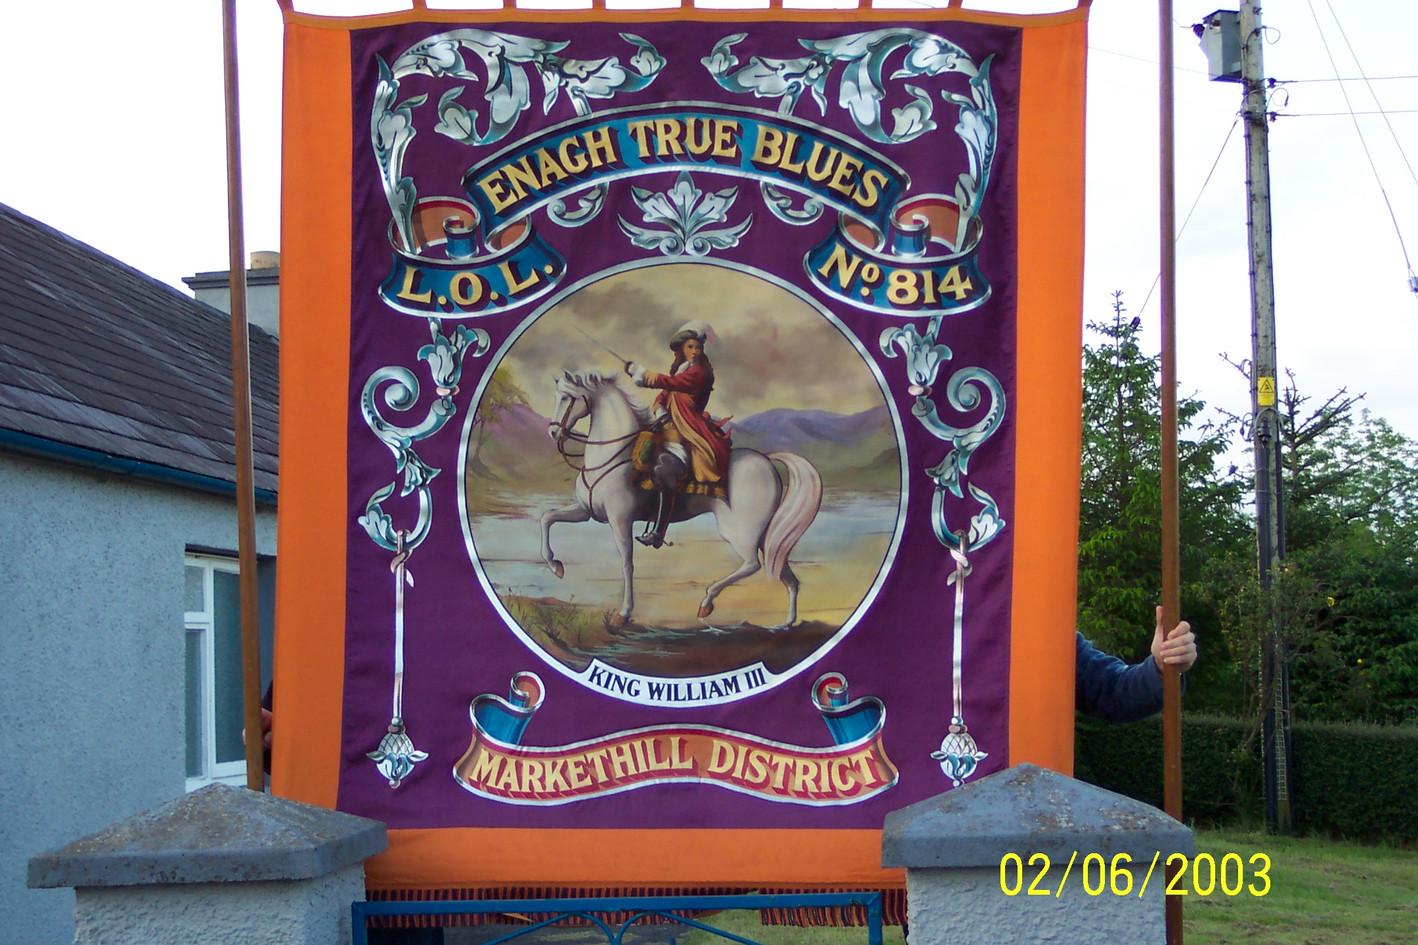 Enagh True Blues LOL 814 Markethill Dist